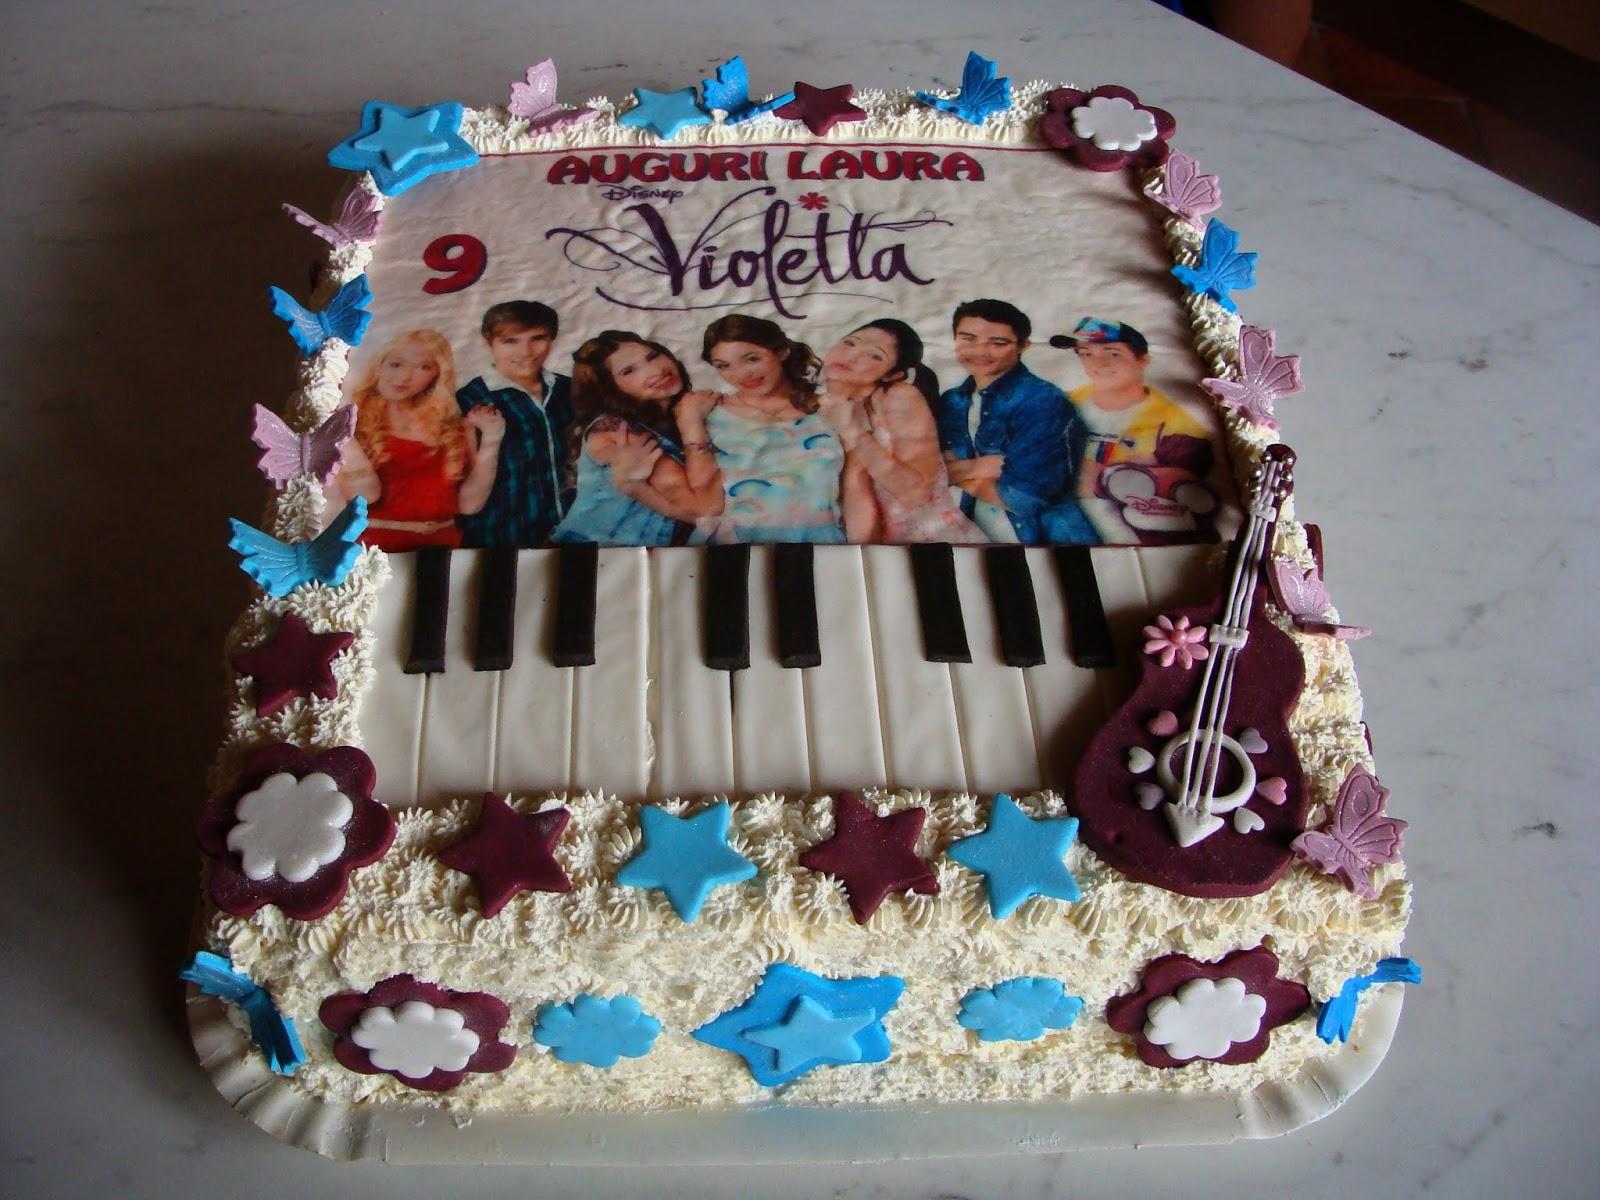 Torta Compleanno Violetta.Le Torte Di Aneta Il Compleanno Violetta